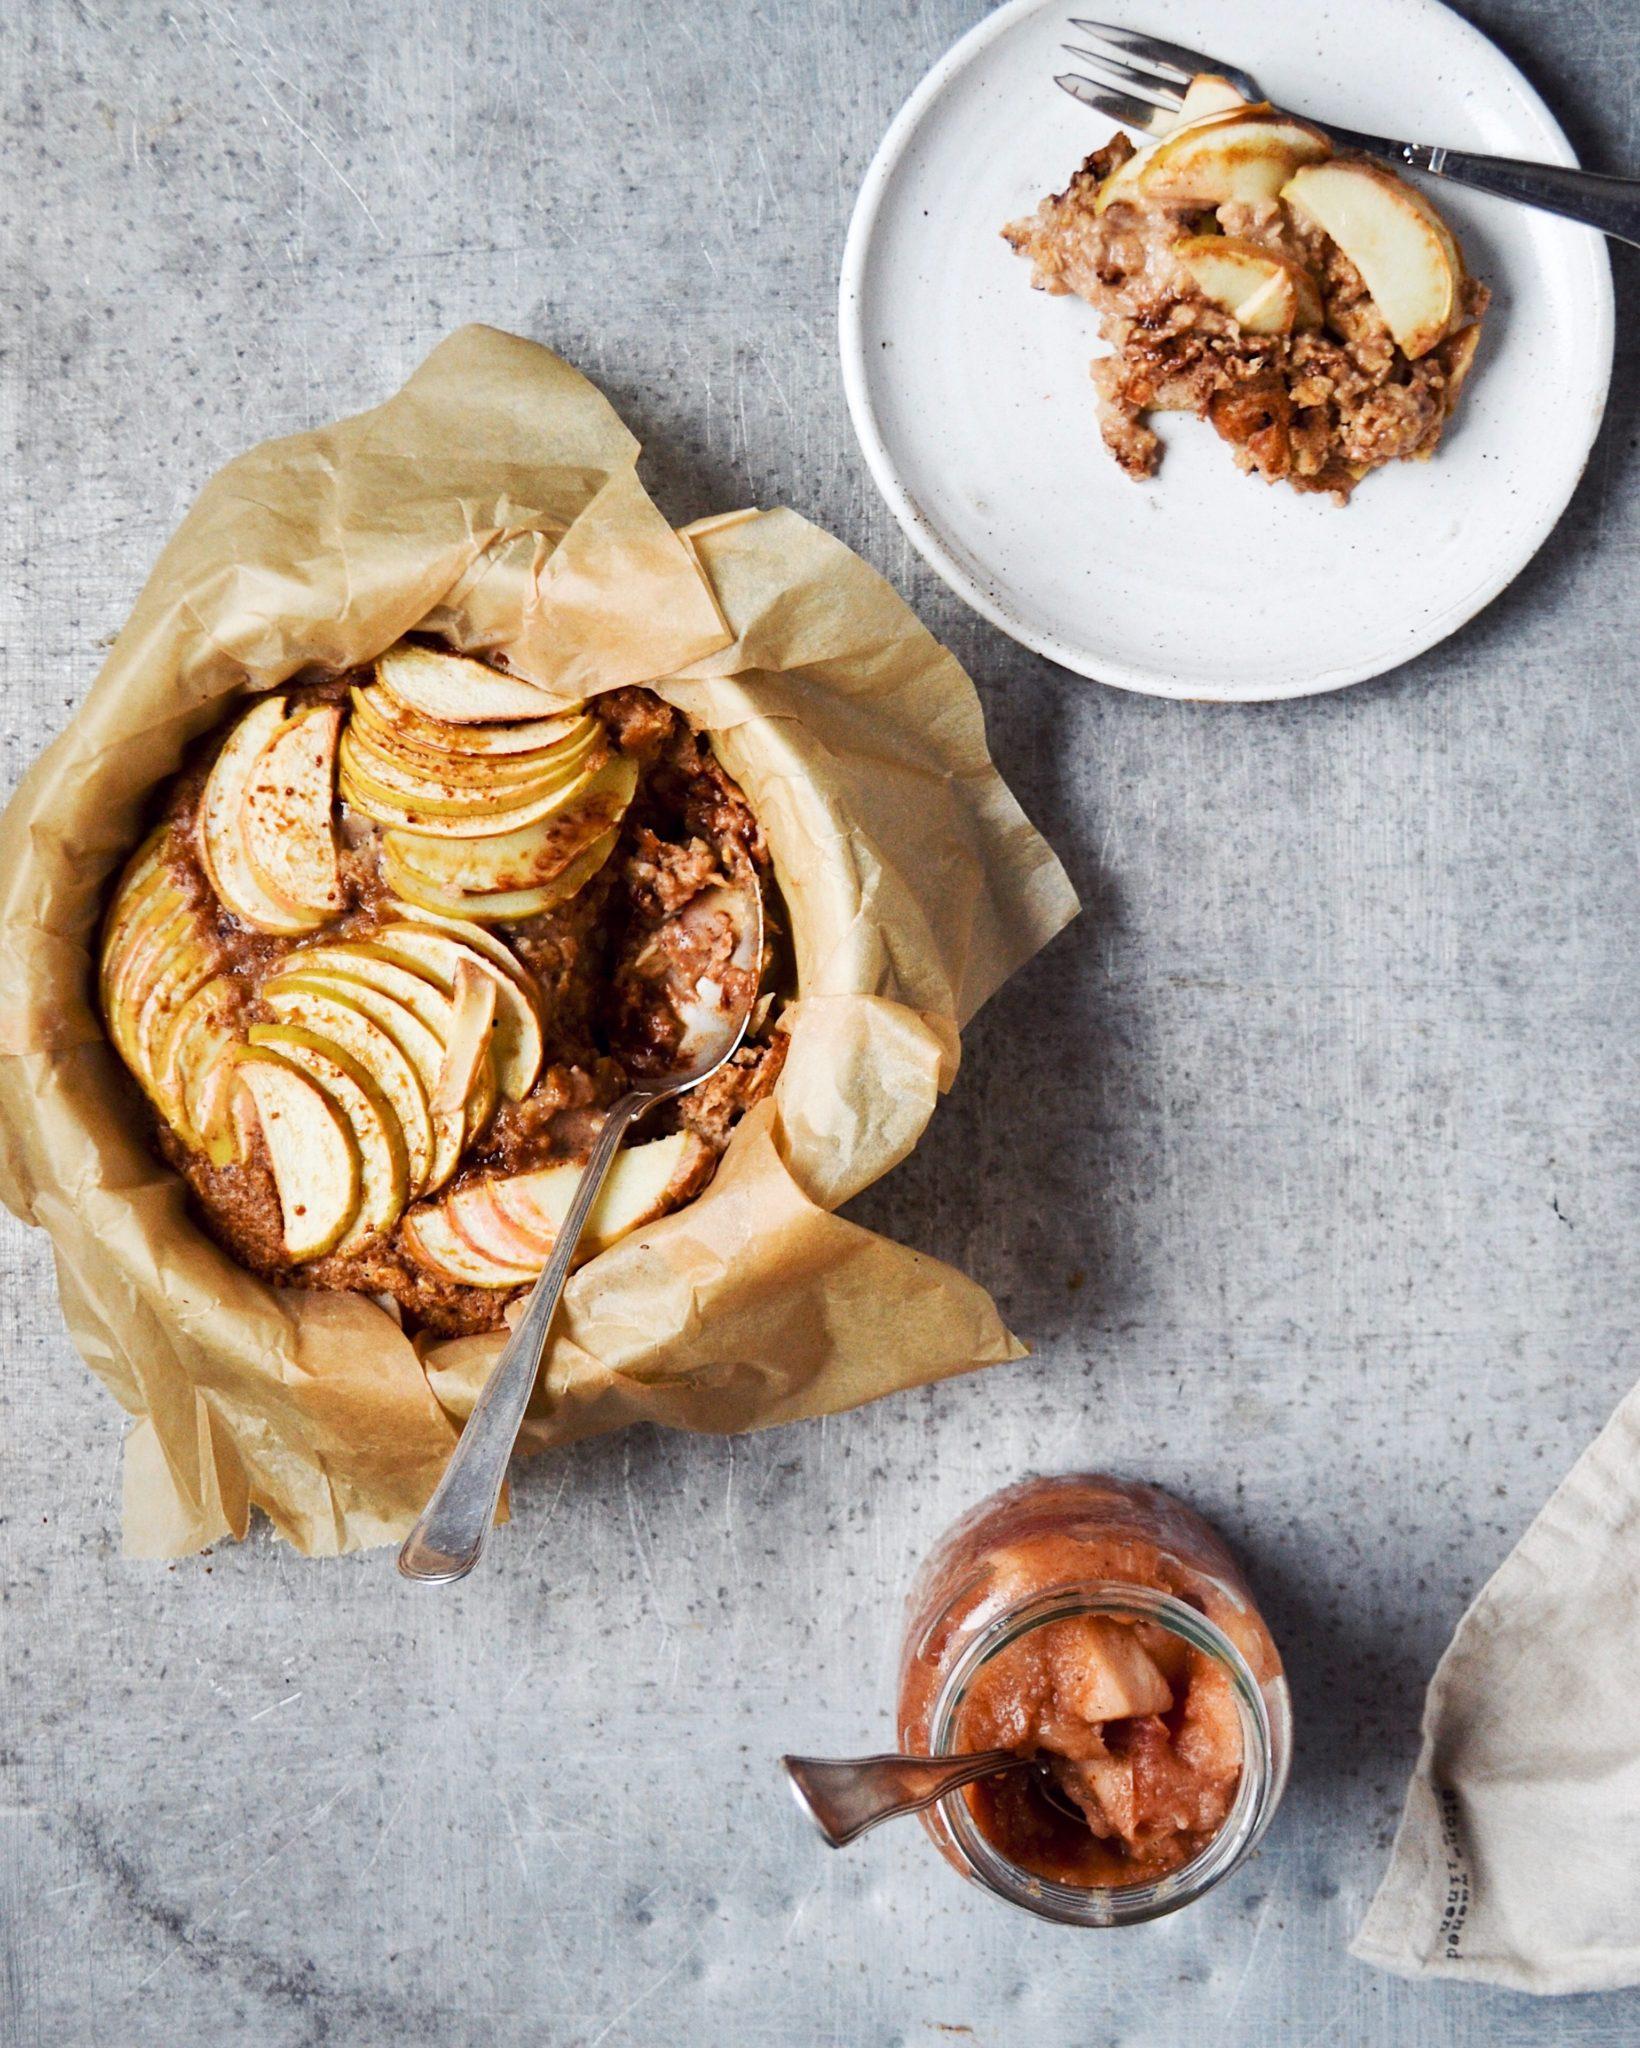 Ovnbagt grød med æble, peanutbutter og mørk chokolade